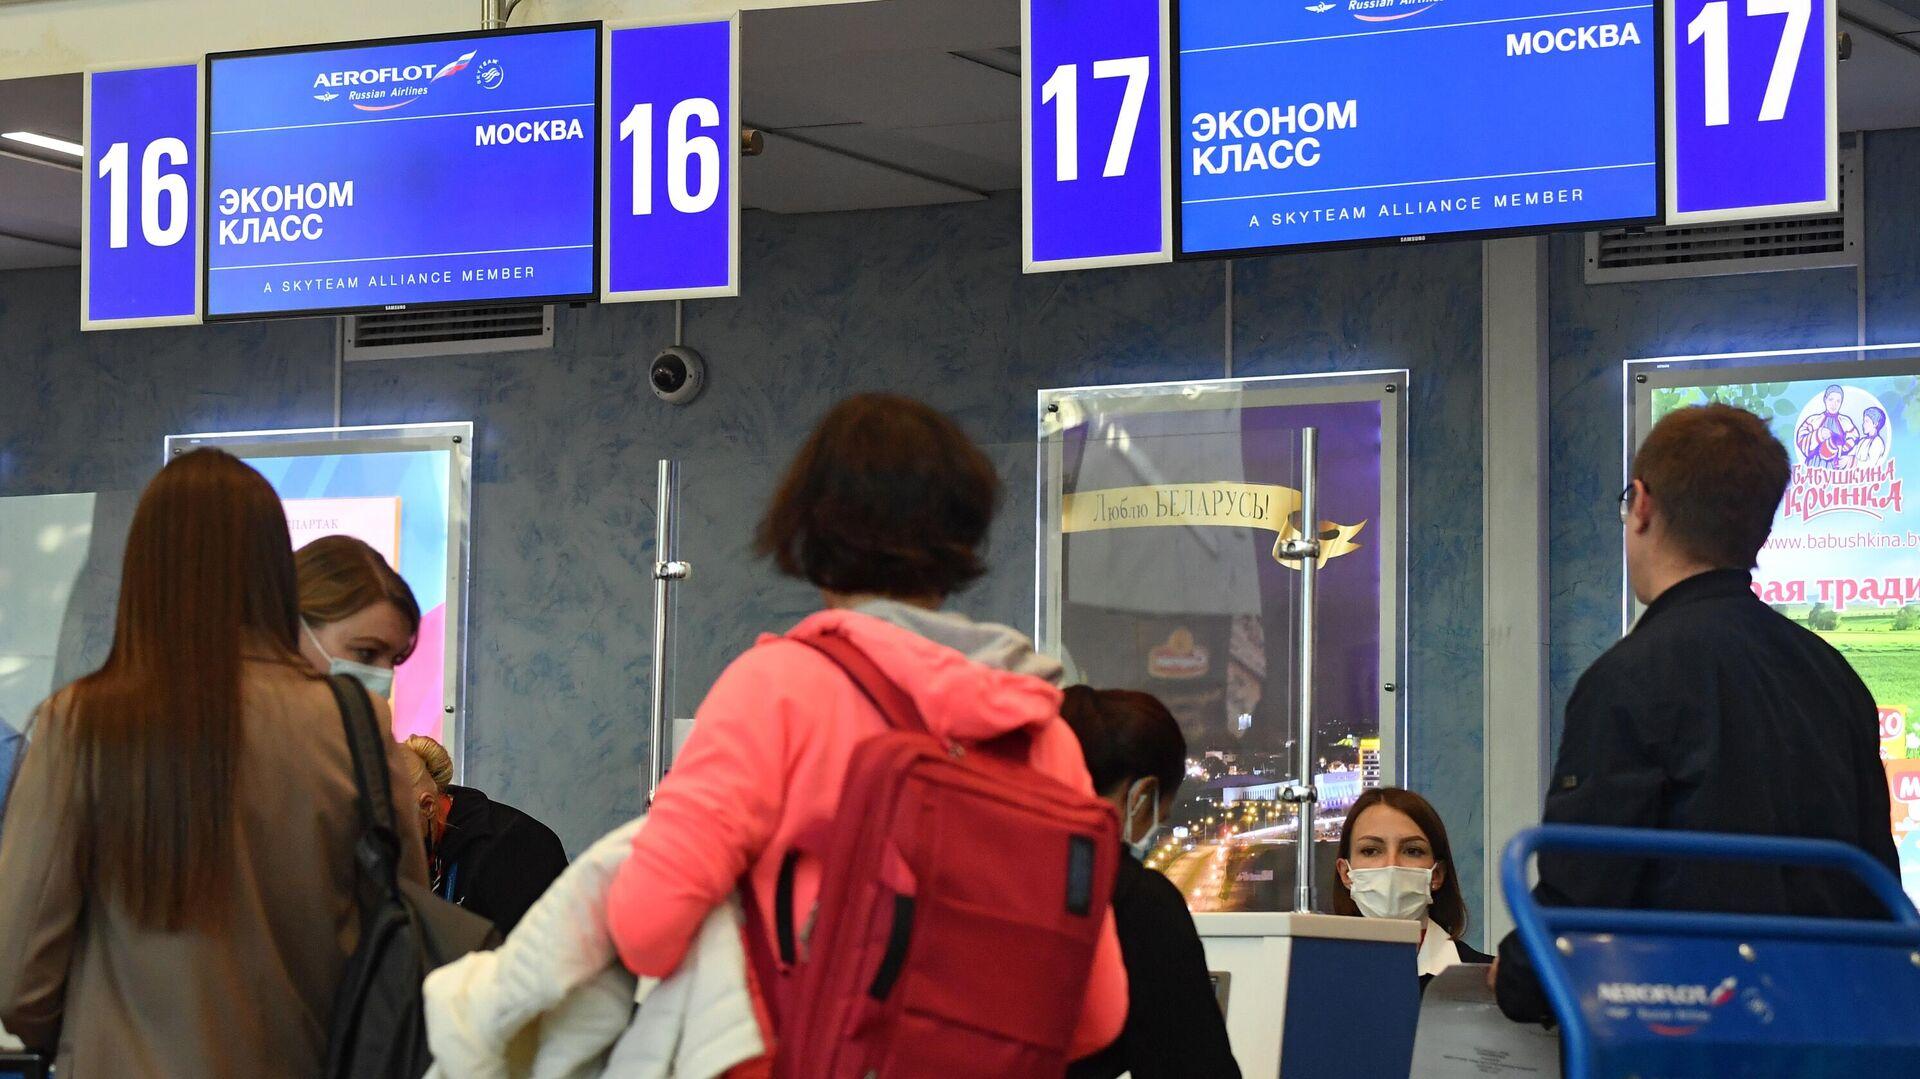 Пассажиры у стойки регистрации в национальном аэропорту Минск - РИА Новости, 1920, 23.10.2020